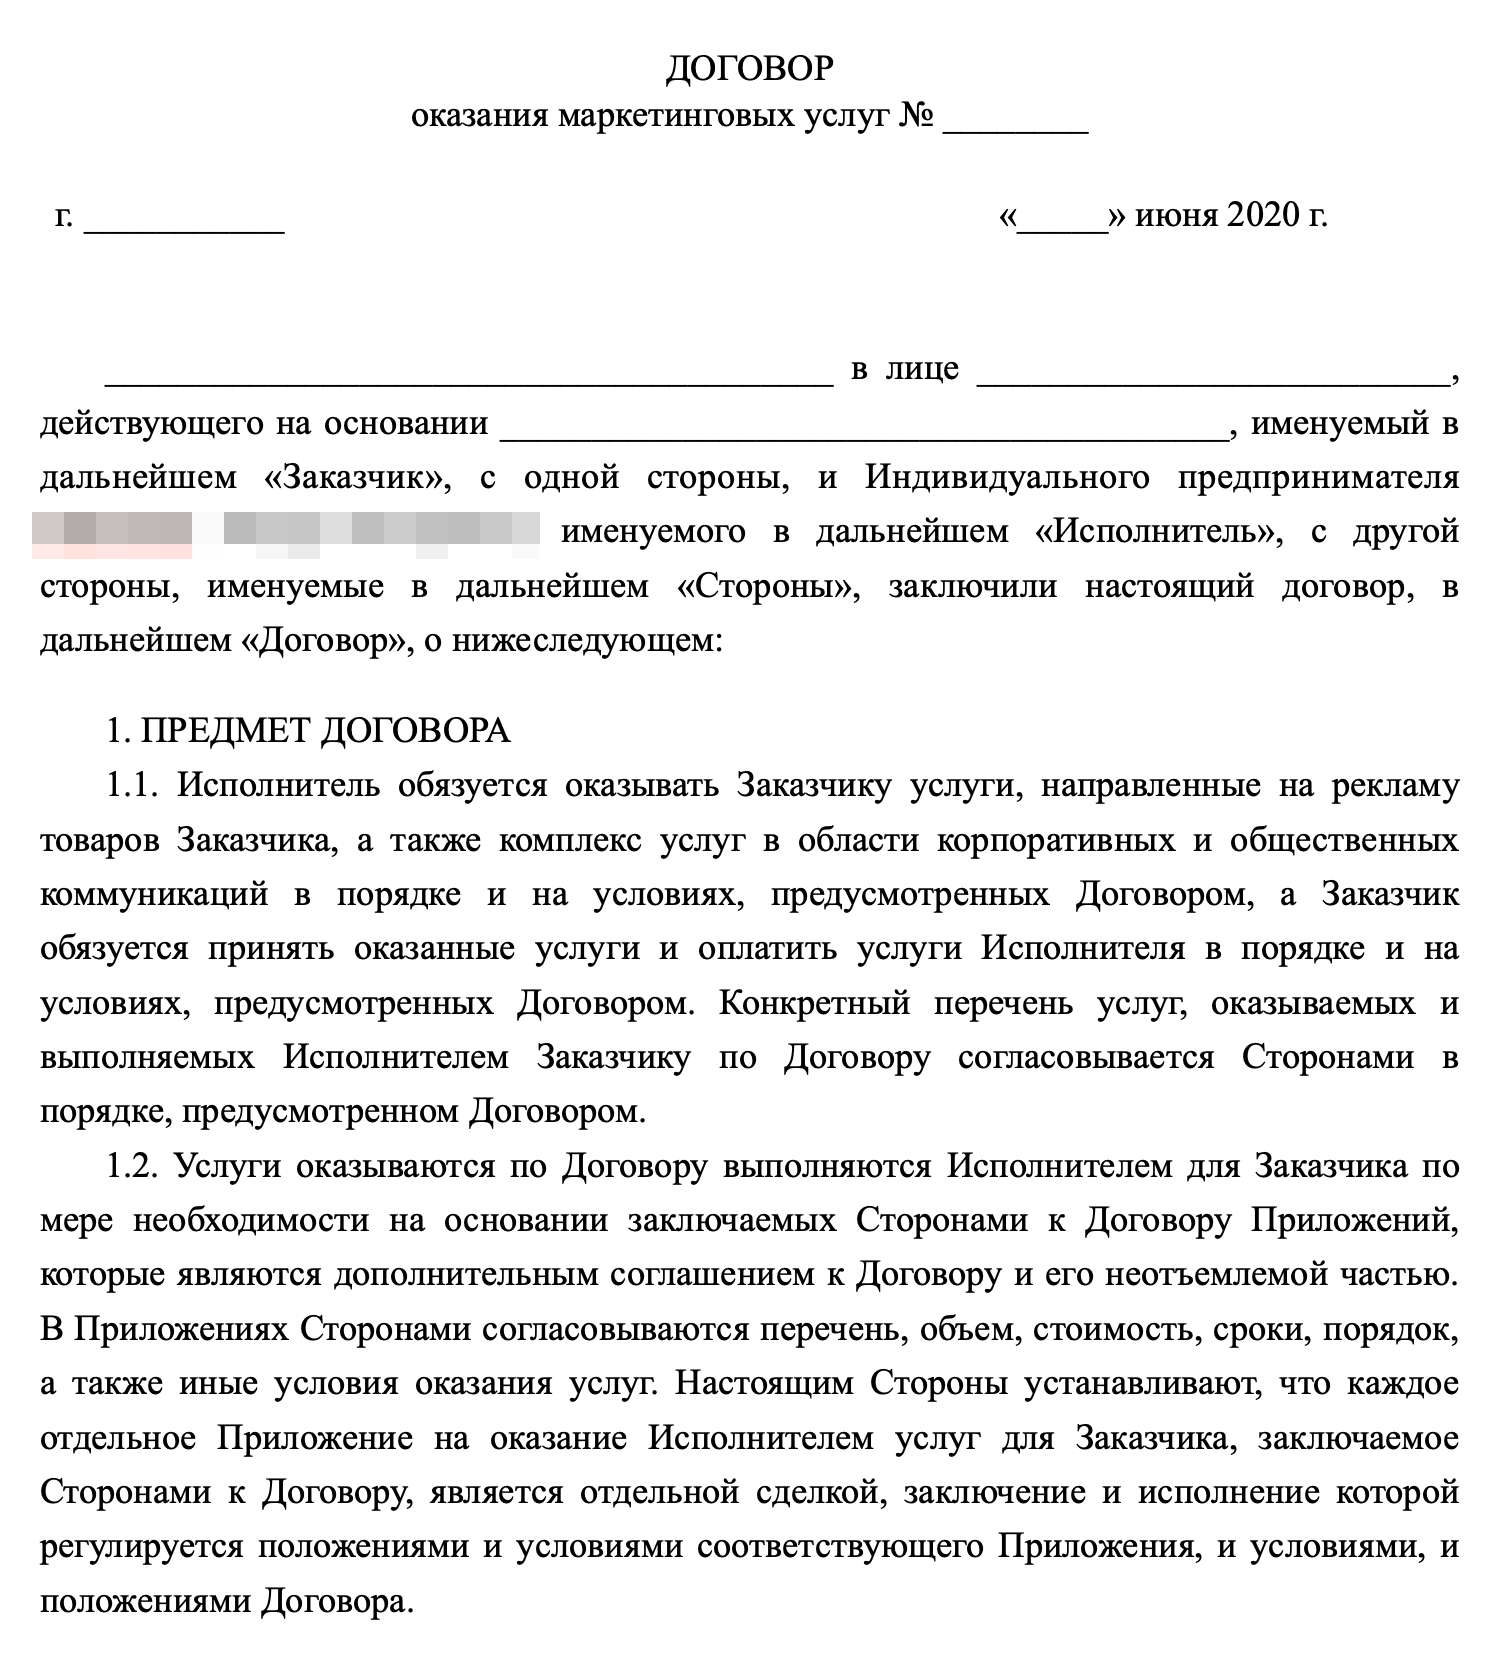 Весь договор — на 11 листах, но про сотовую связь в нем ни слова нет